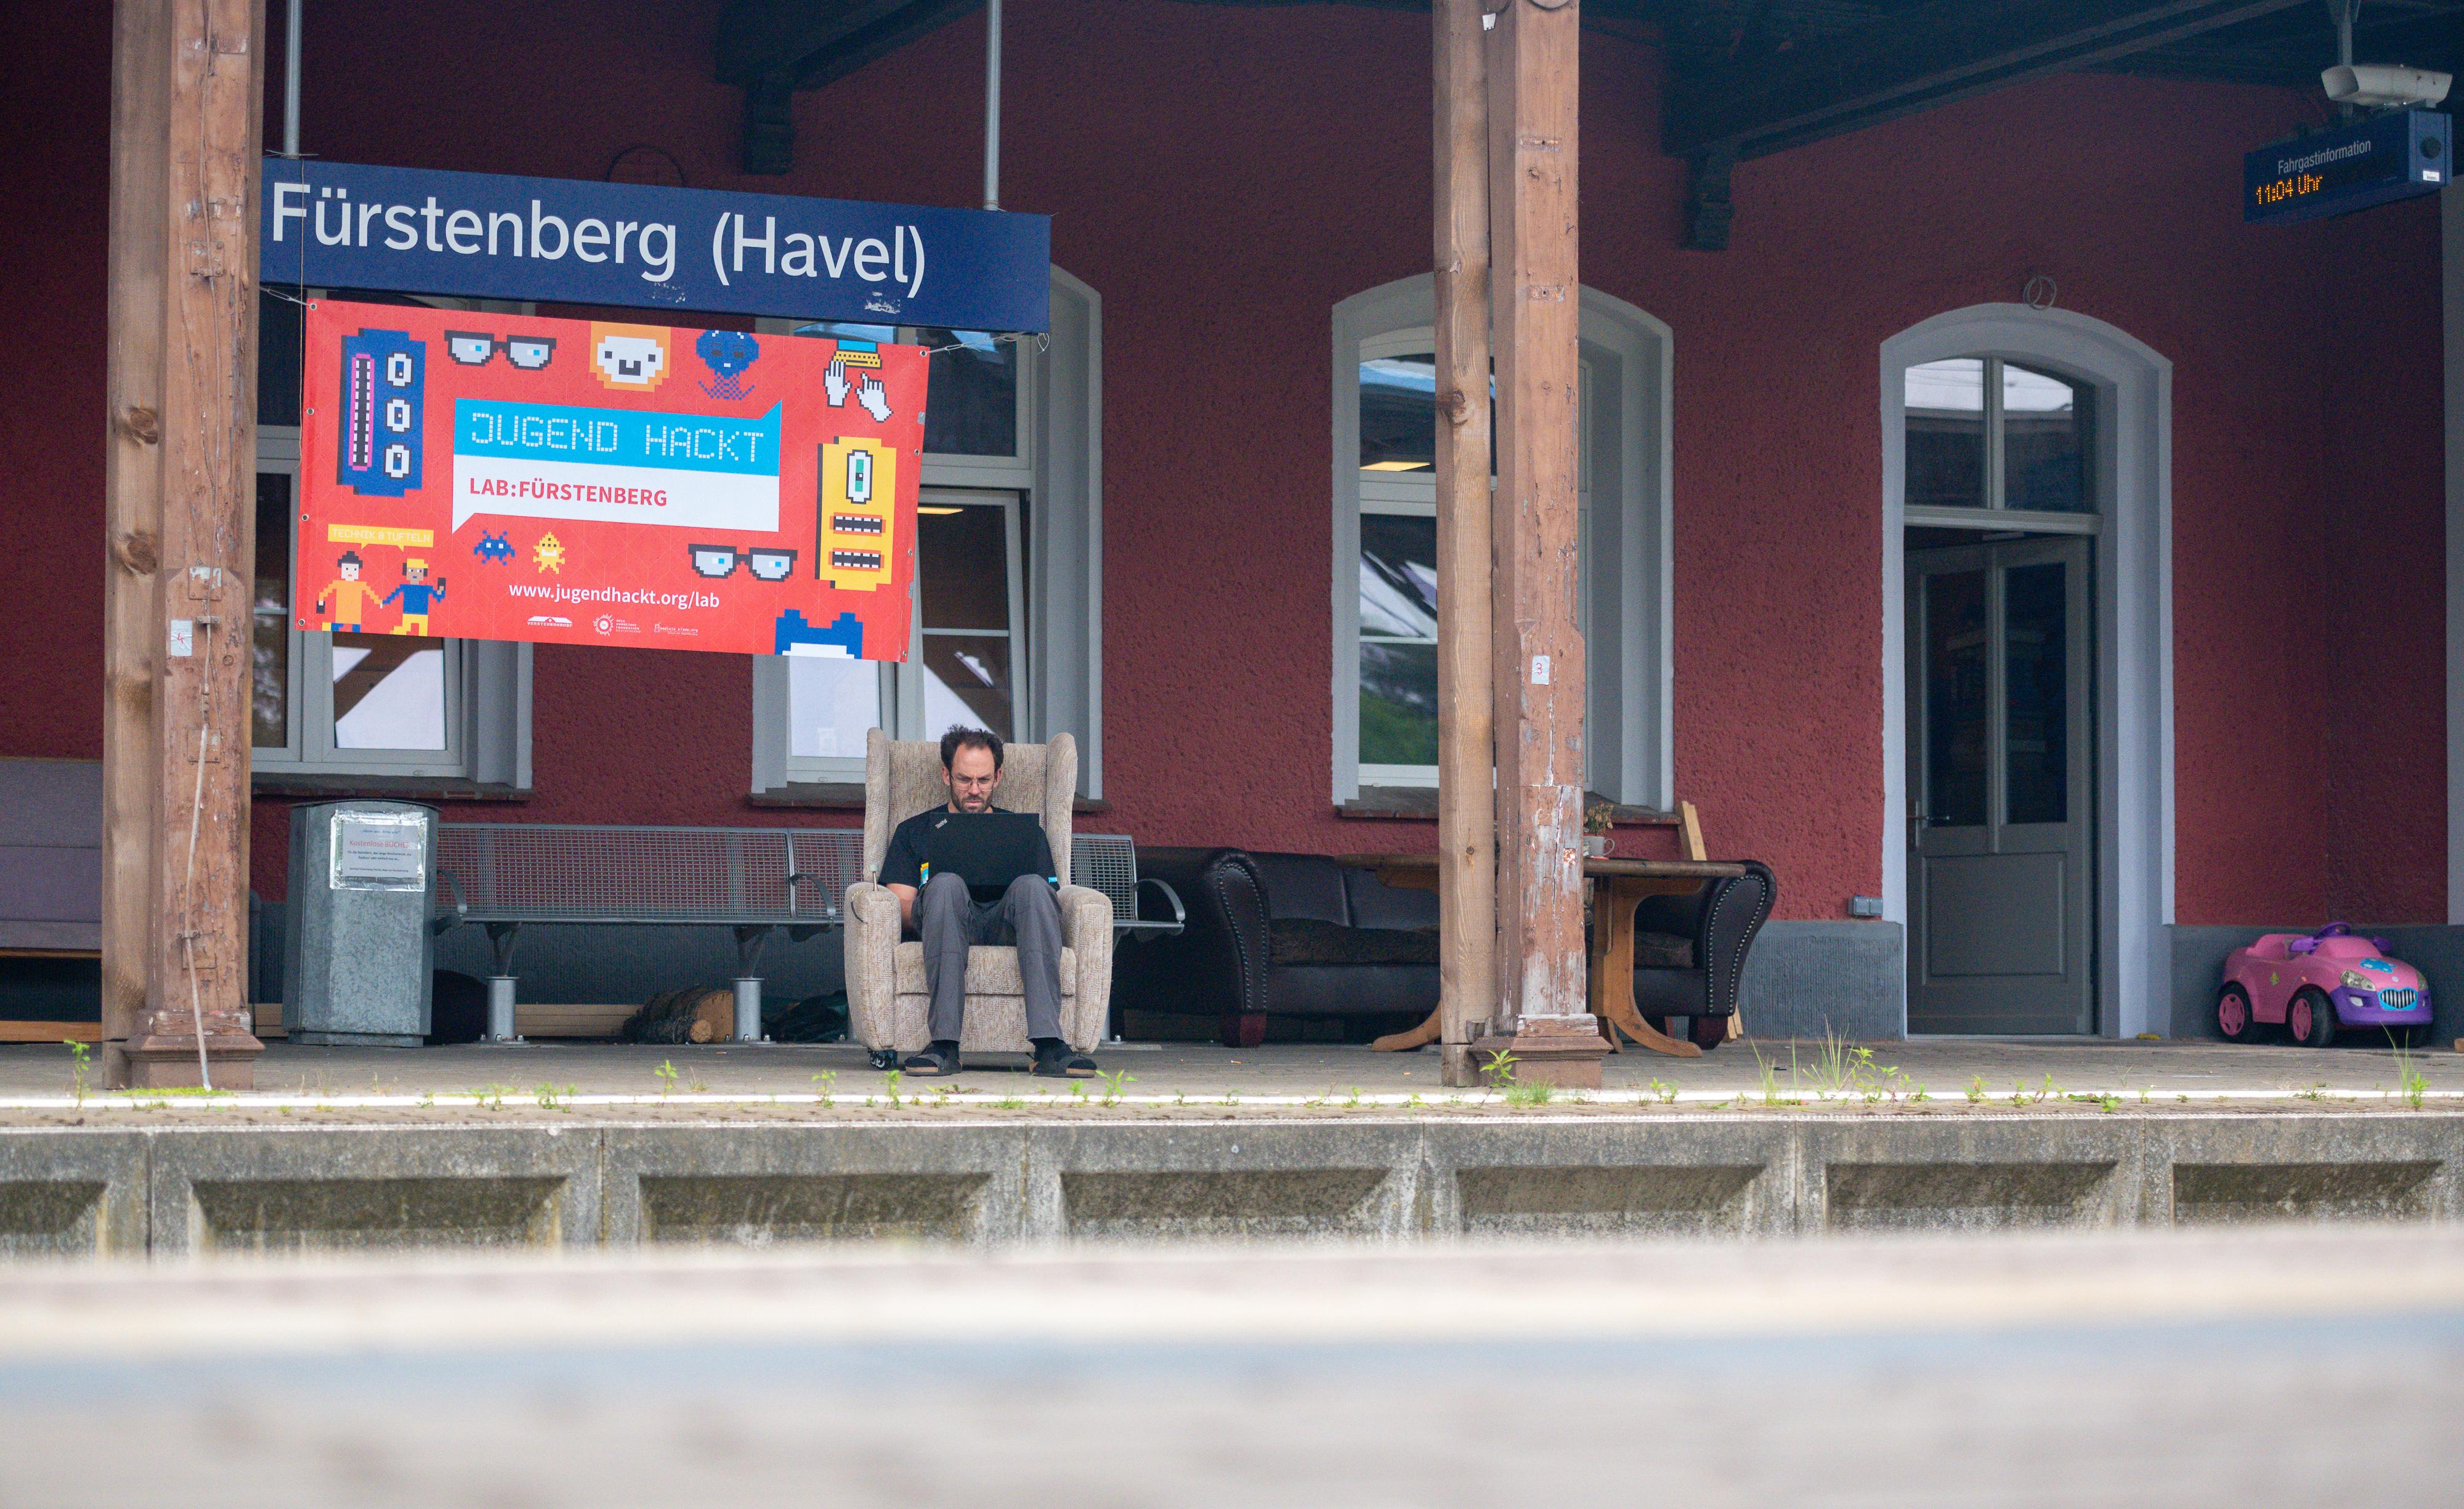 """Daniel-Domscheit-Berg sitzt mit einem Laptop auf den Knien auf einem alten Sessel am Gleis des Bahnhofs, dem heutigen Verstehbahnhof. Unter dem Bahnhofsschild mit der aufschrift """"Fürstenberg/Havel"""" ist noch ein großes Schild mit der Aufschrift """"Jugend hackt""""."""